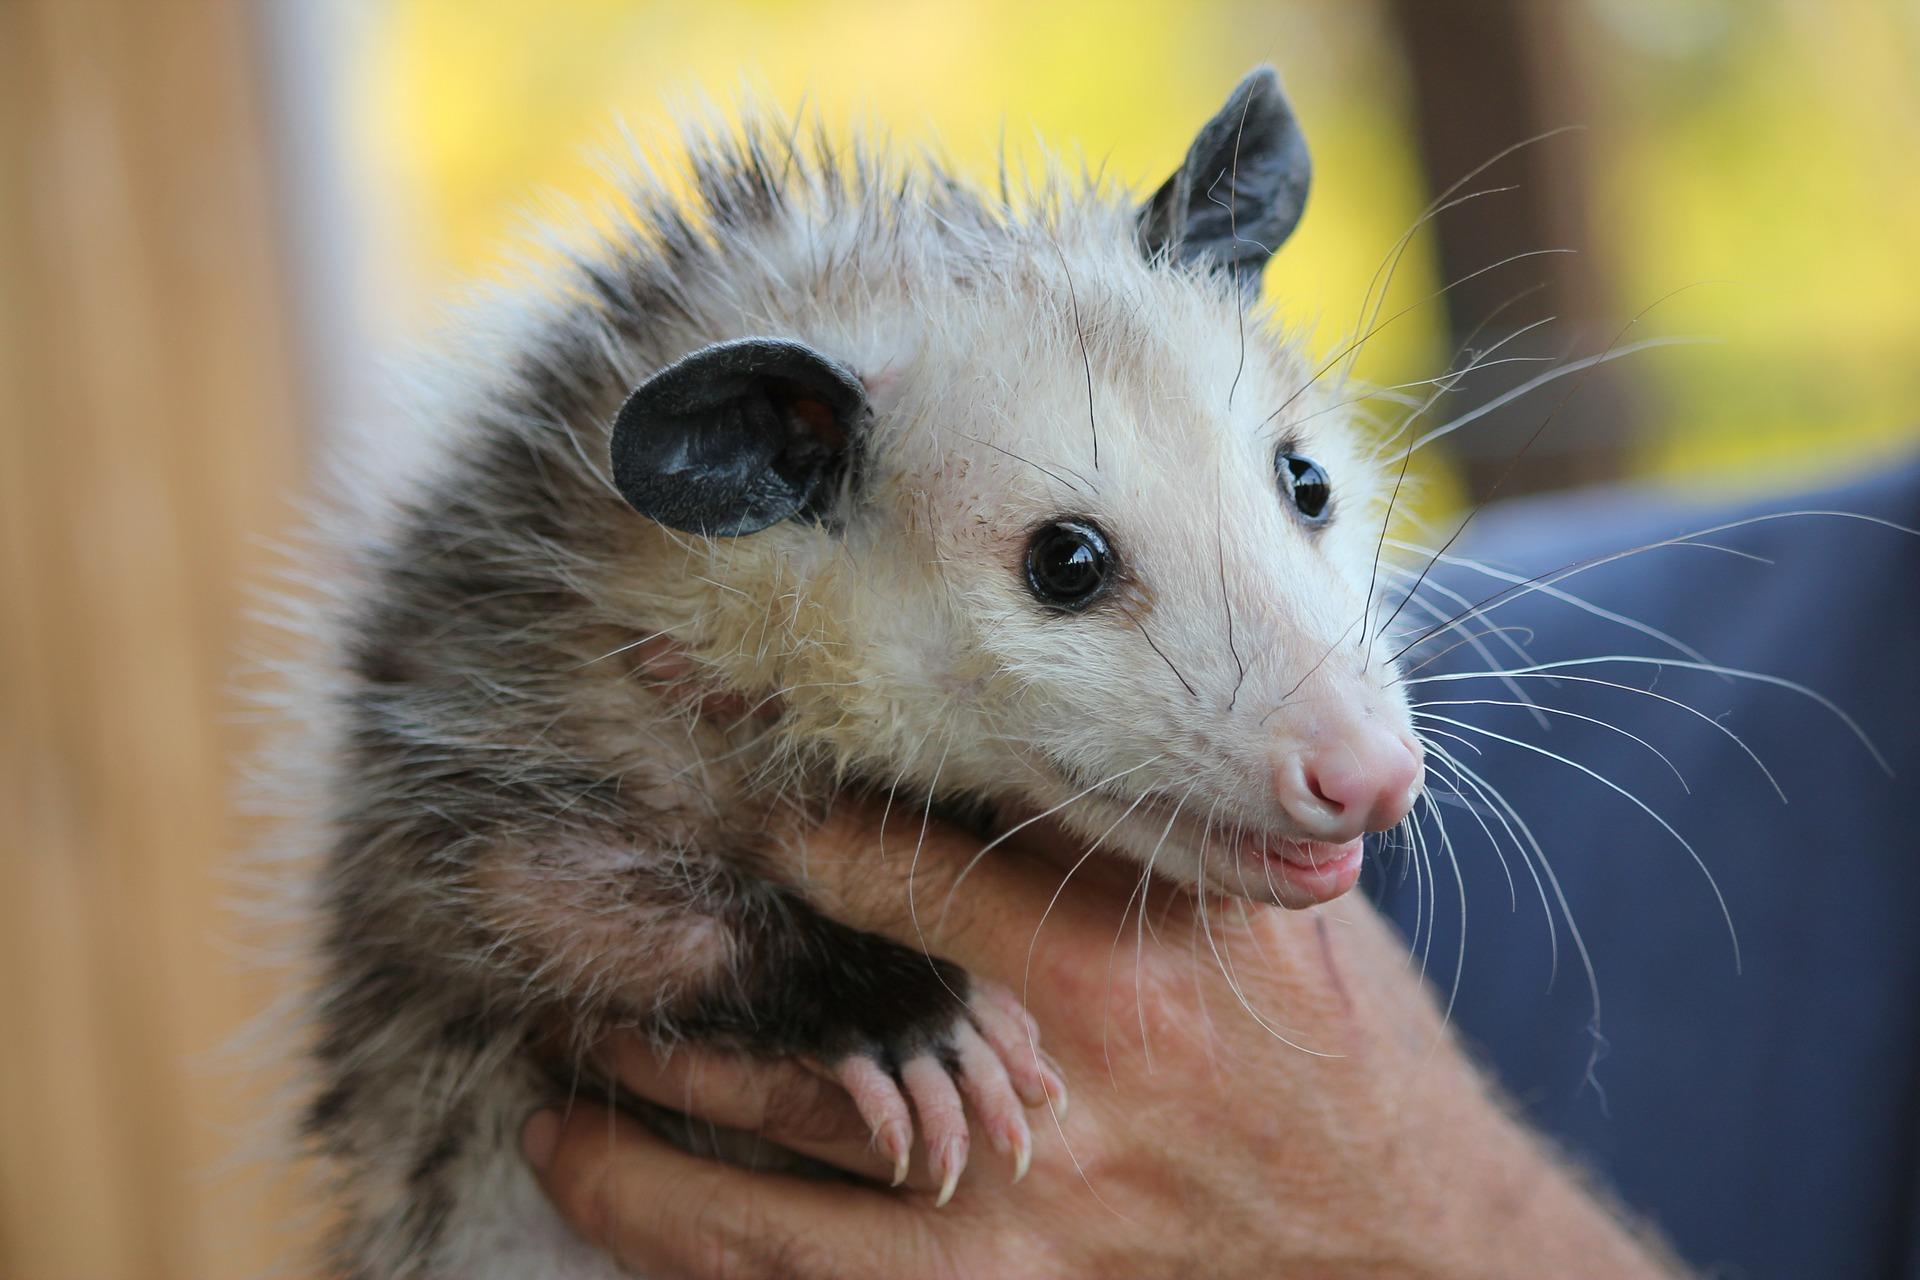 opossum, opossums, opossum removal, opossum control, wildlife removal, wildlife control, New Orleans opossum removal